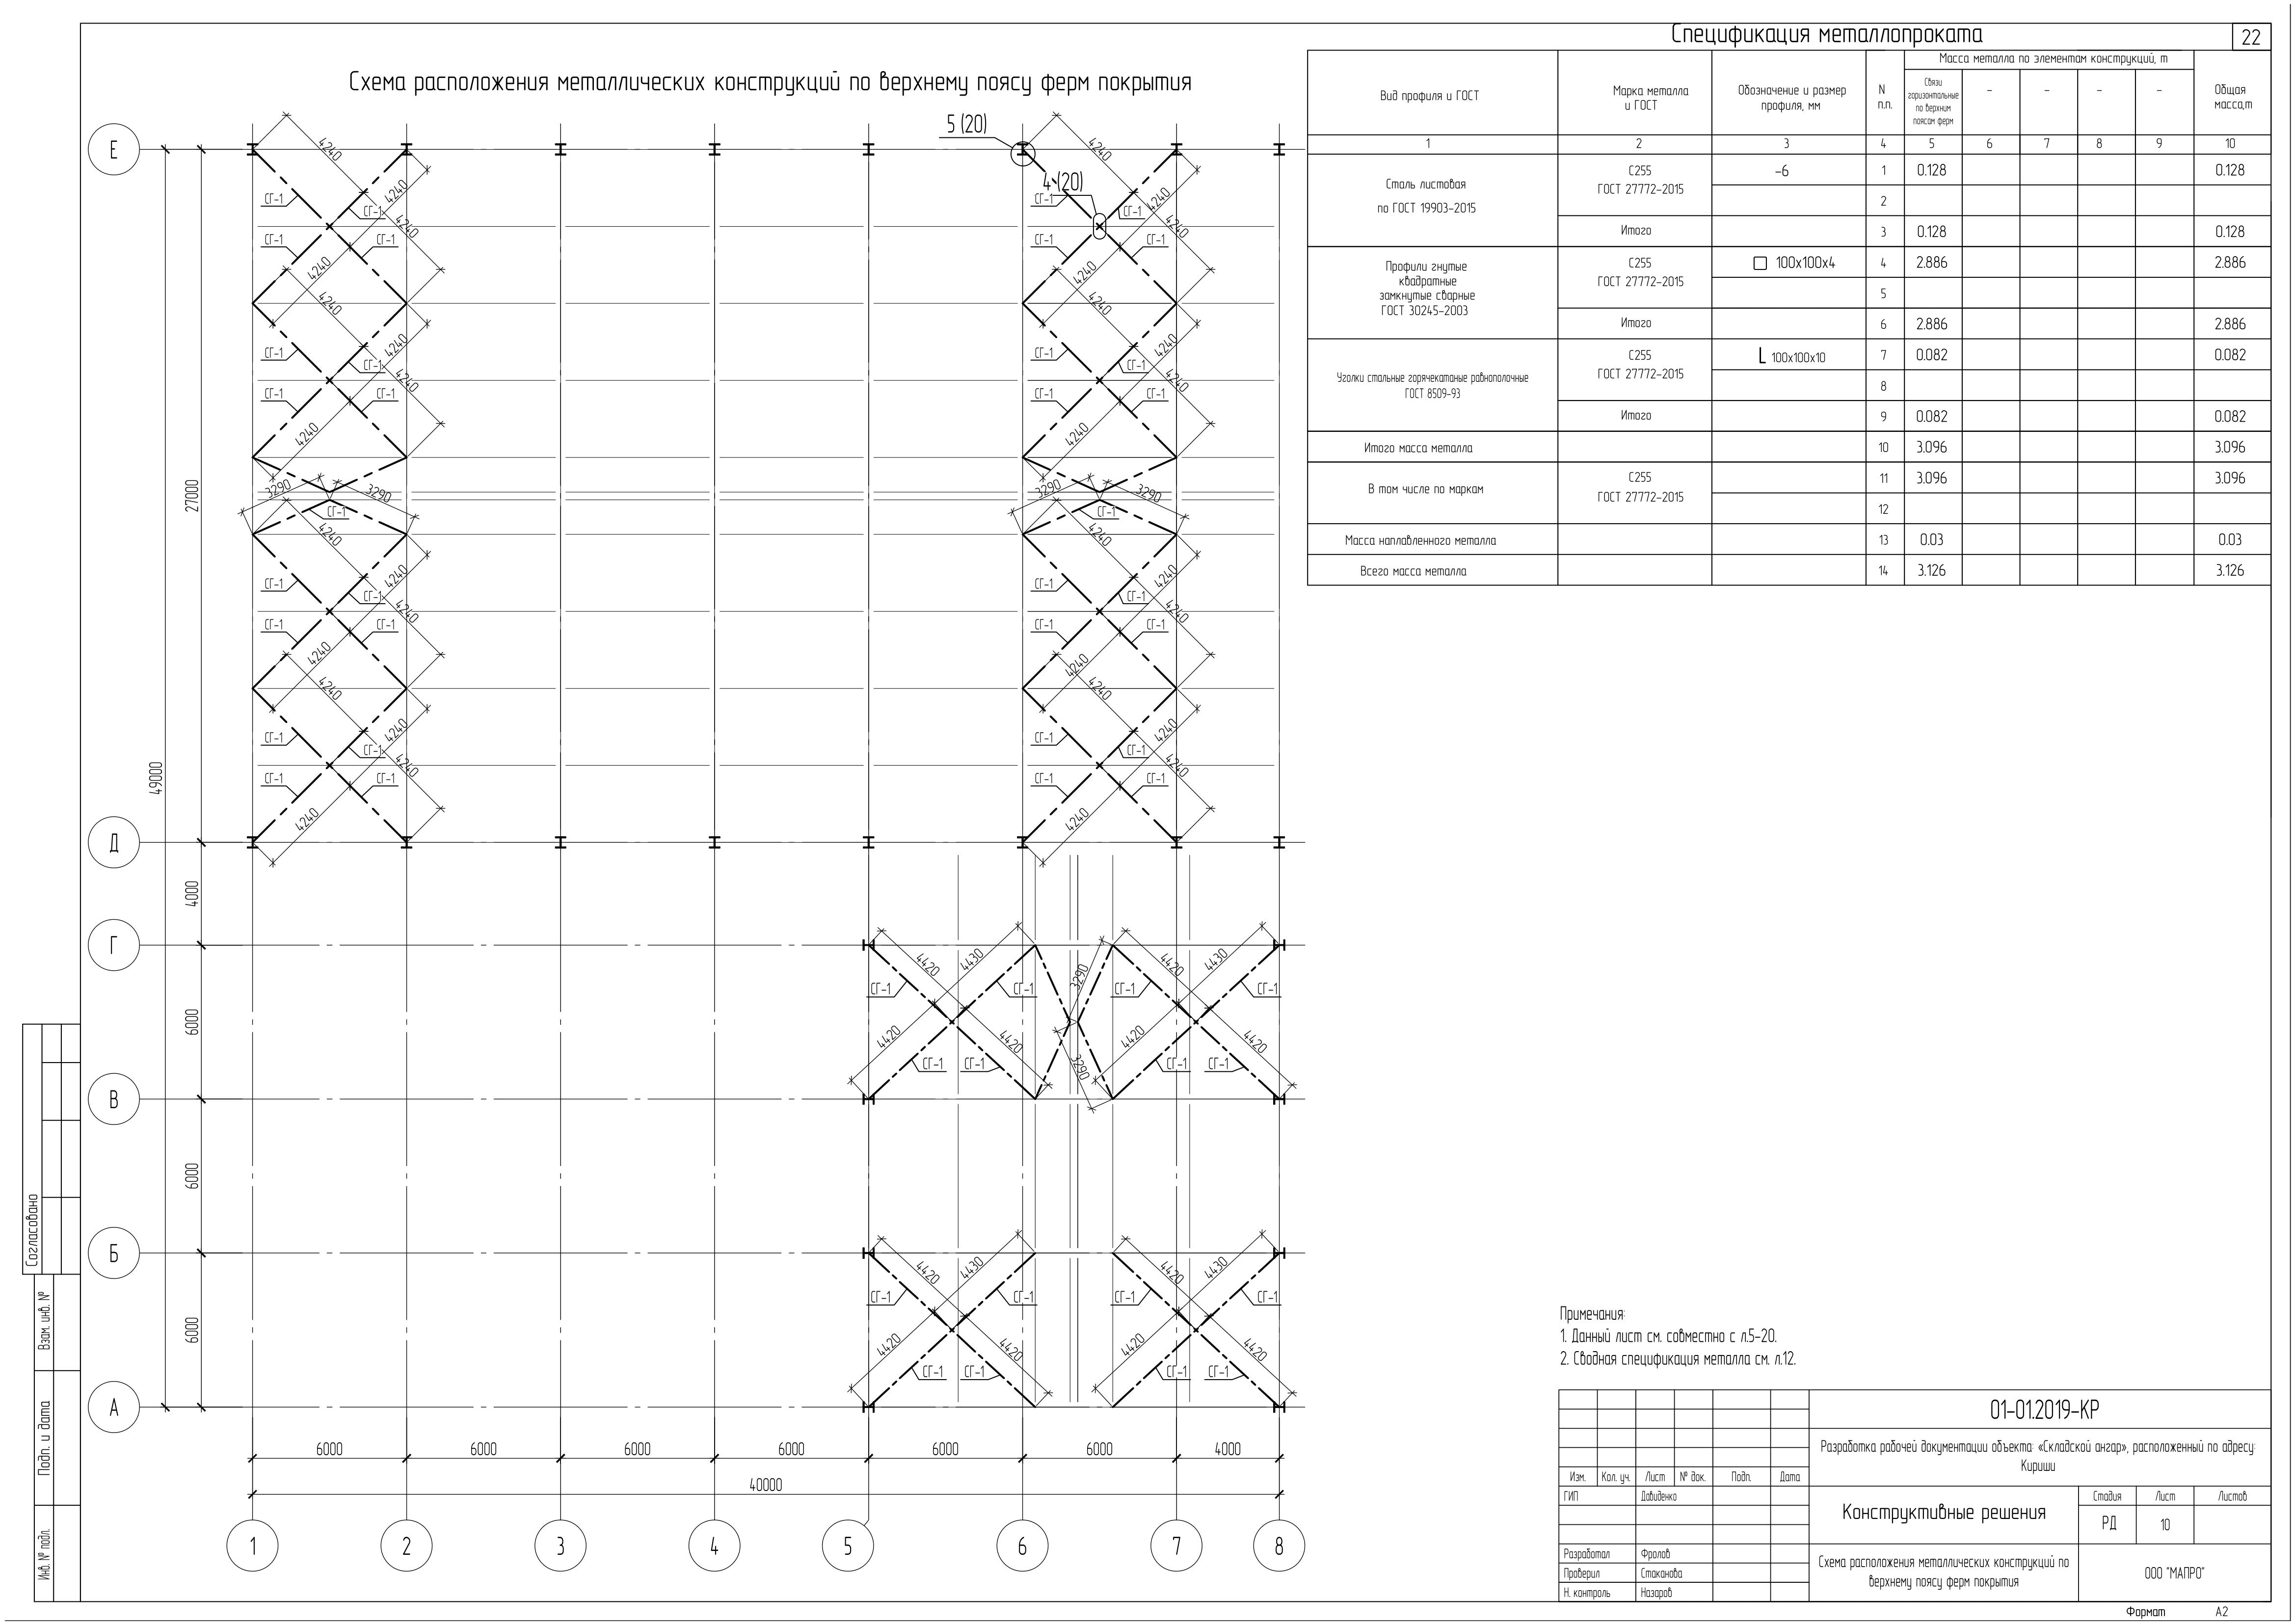 Проект складского ангара для хранения сыпучих веществ